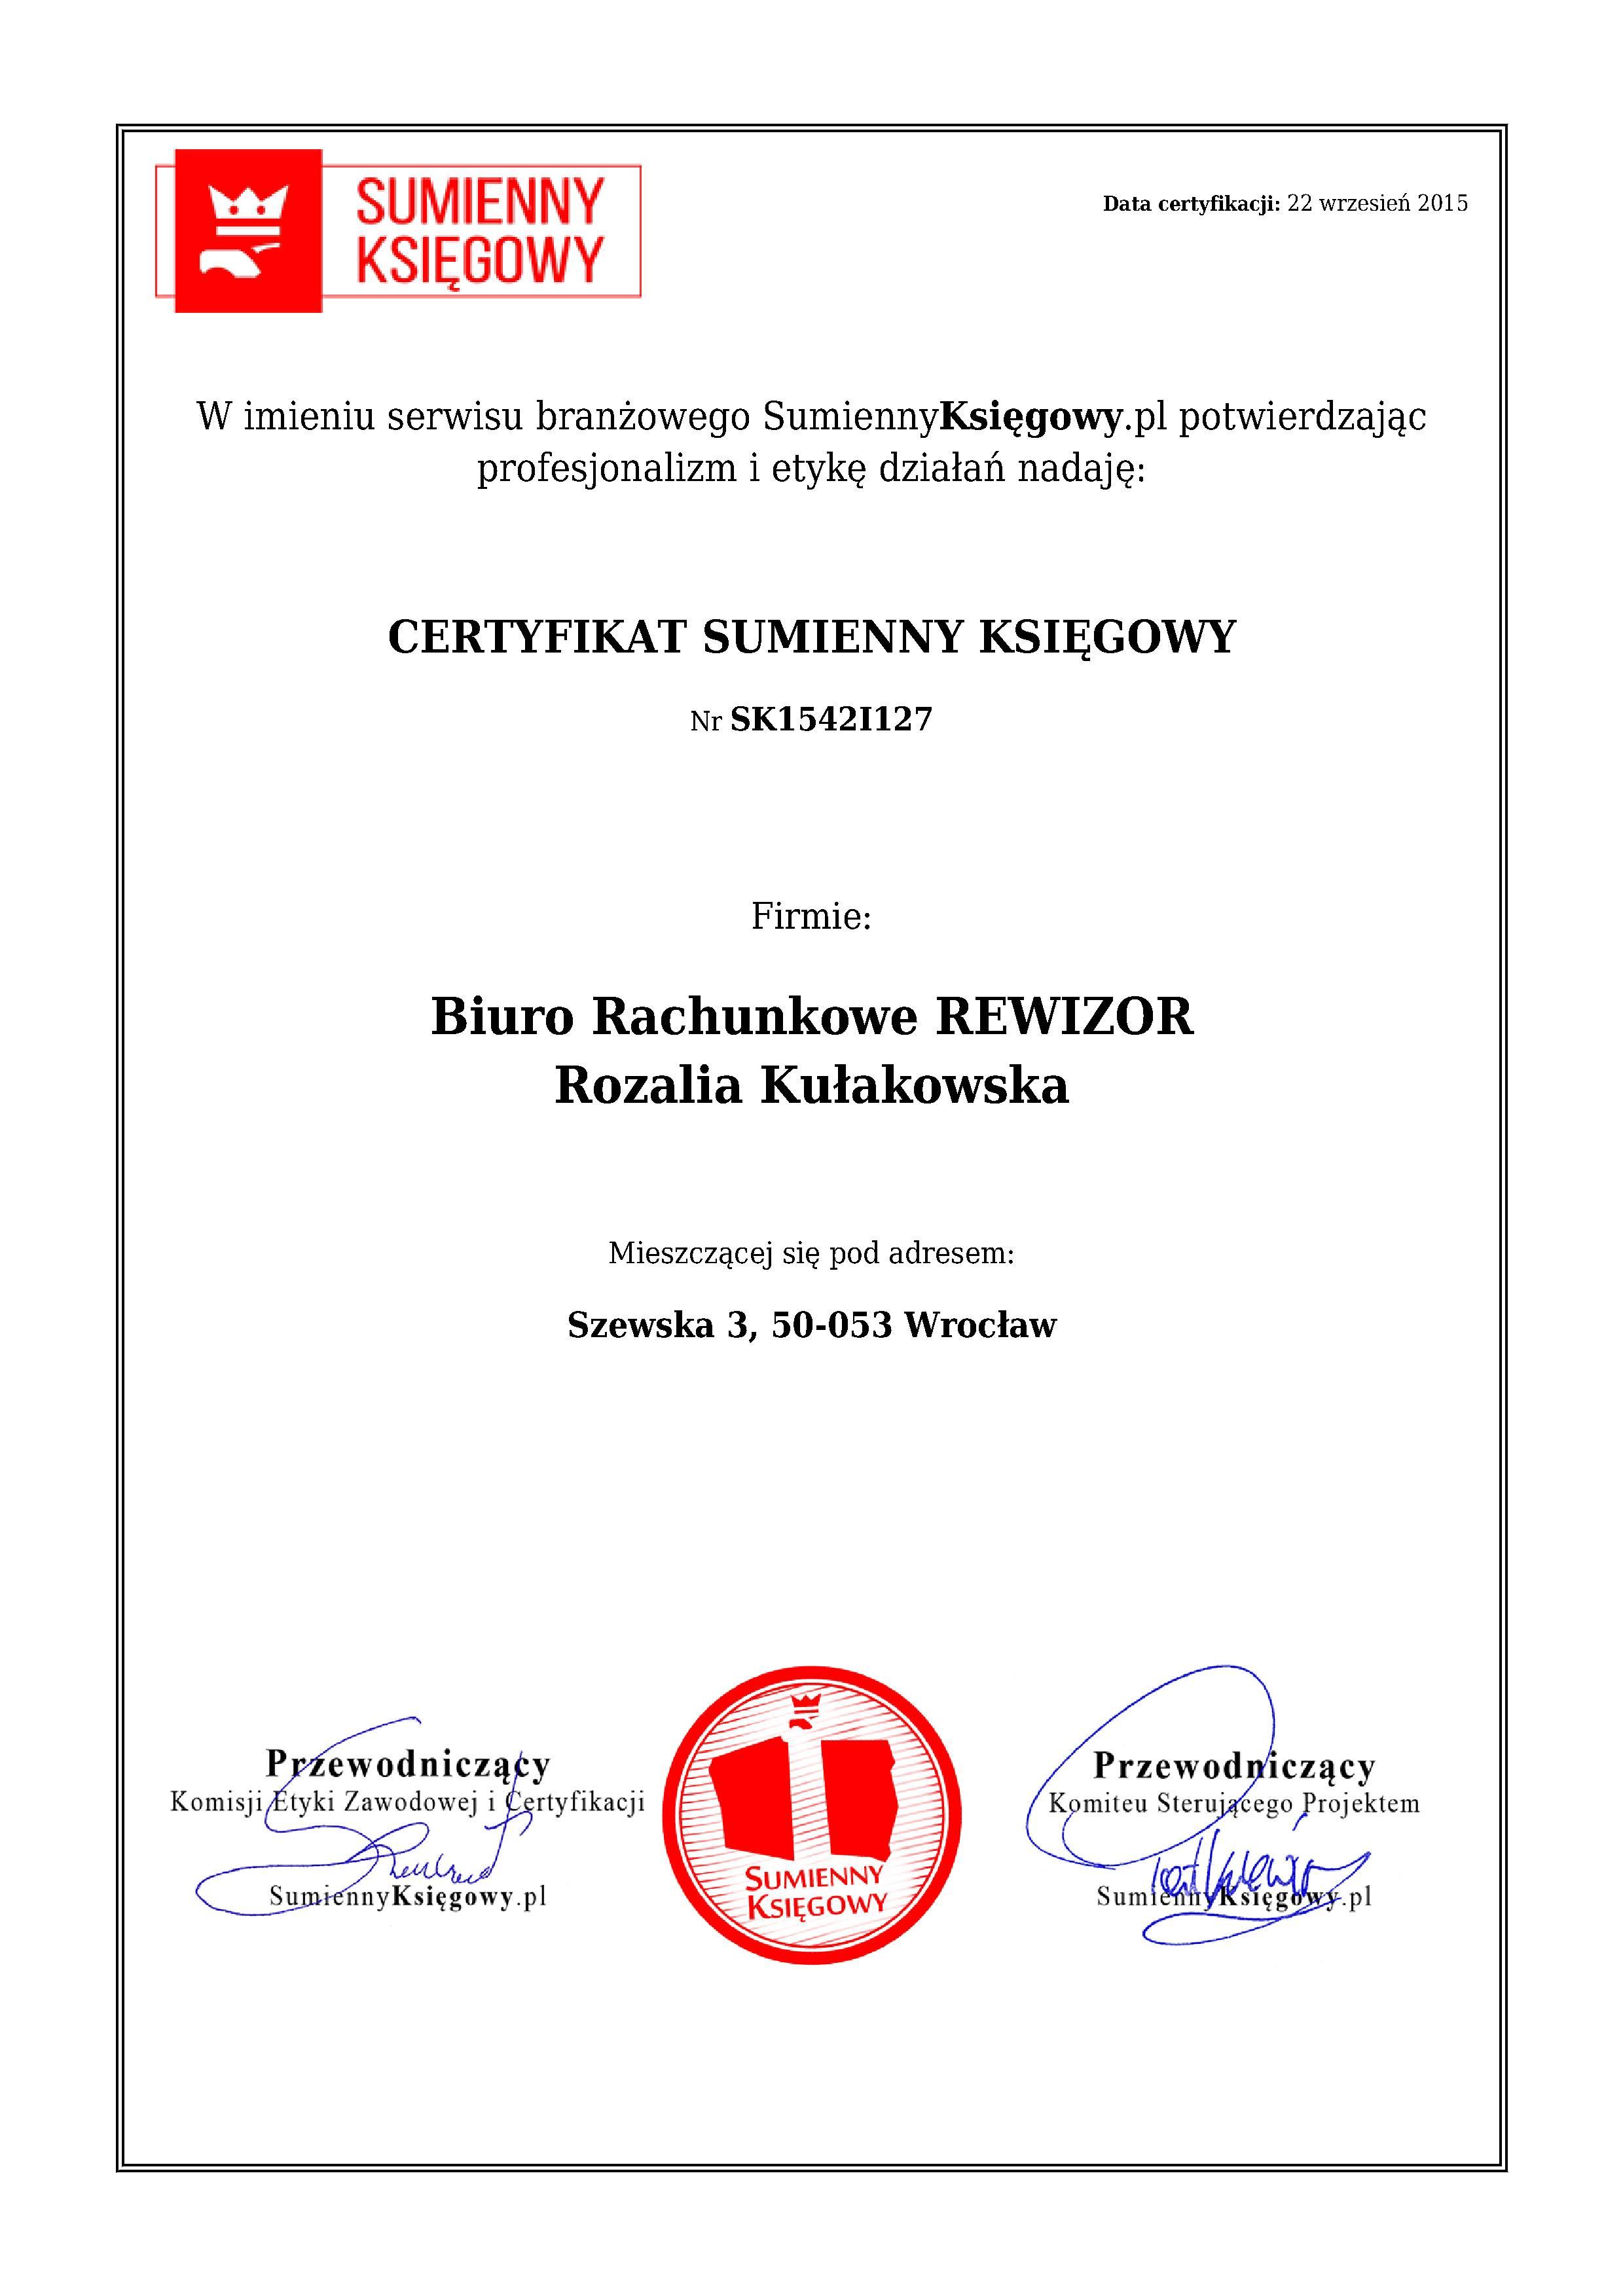 Certyfikat Biuro Rachunkowe REWIZOR Rozalia Kułakowska